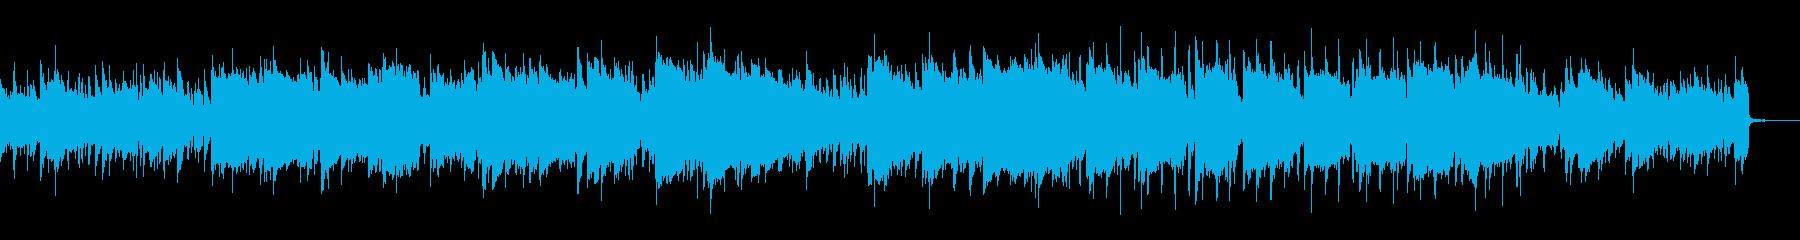 尺八による凛とした雰囲気の曲の再生済みの波形